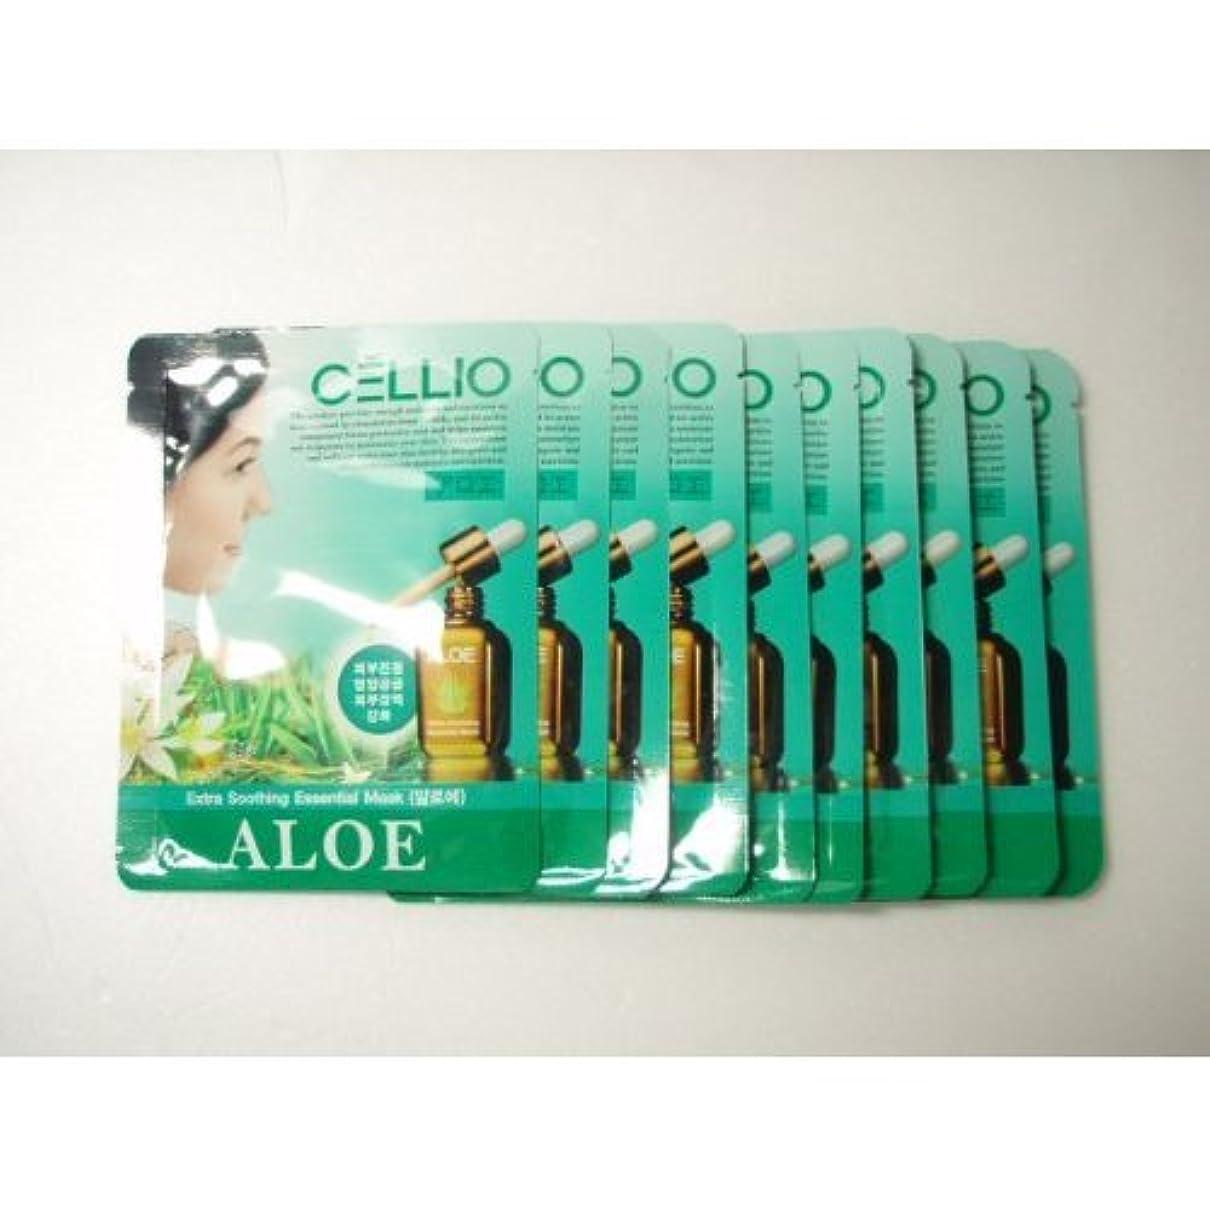 明快ゴシップ決済Cellio Extra Soothing Essential Mask_Aloe_10 sheets